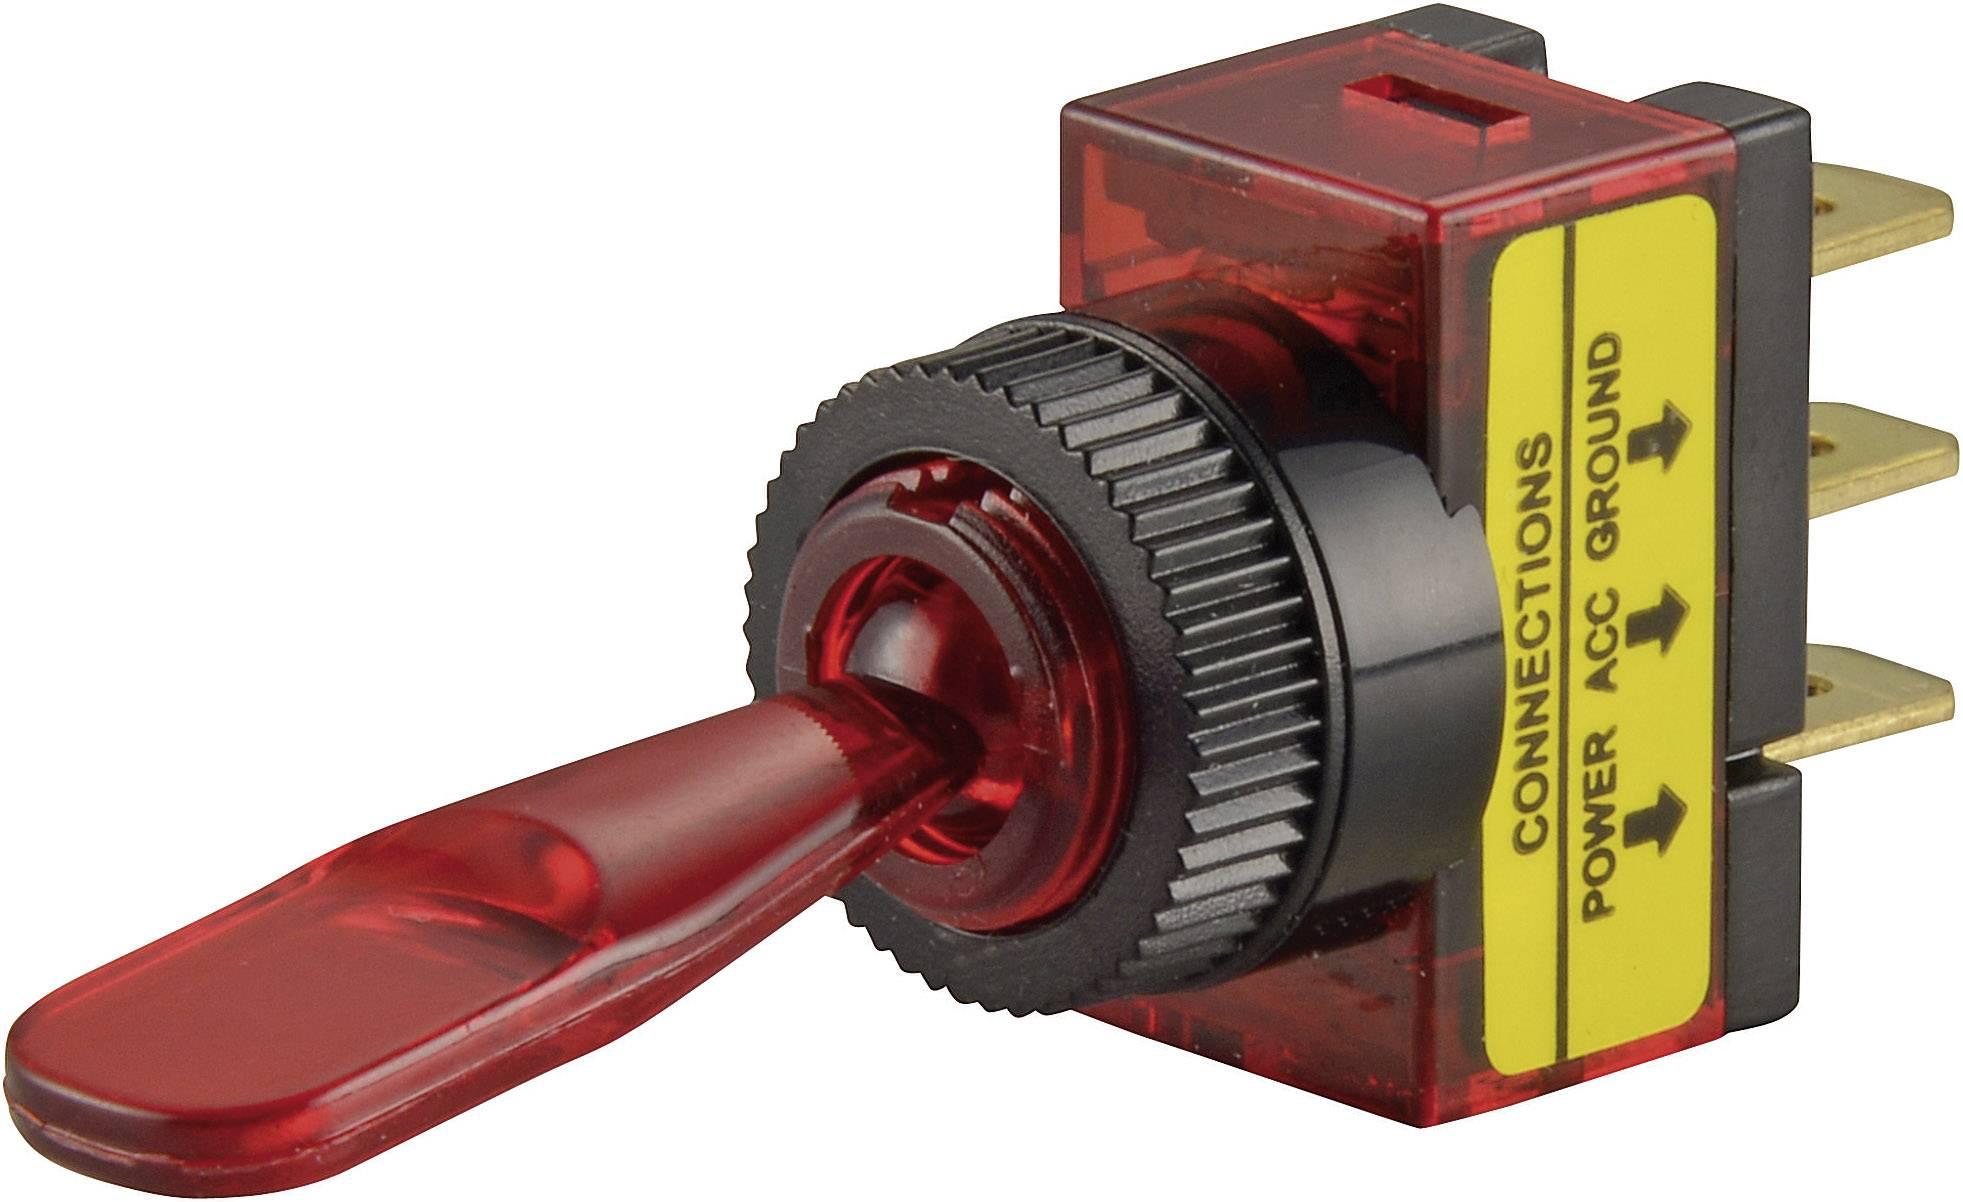 Páčkový přepínač do auta TRU COMPONENTS TC-R13-61B ILLUMINATED RED, 1 ks